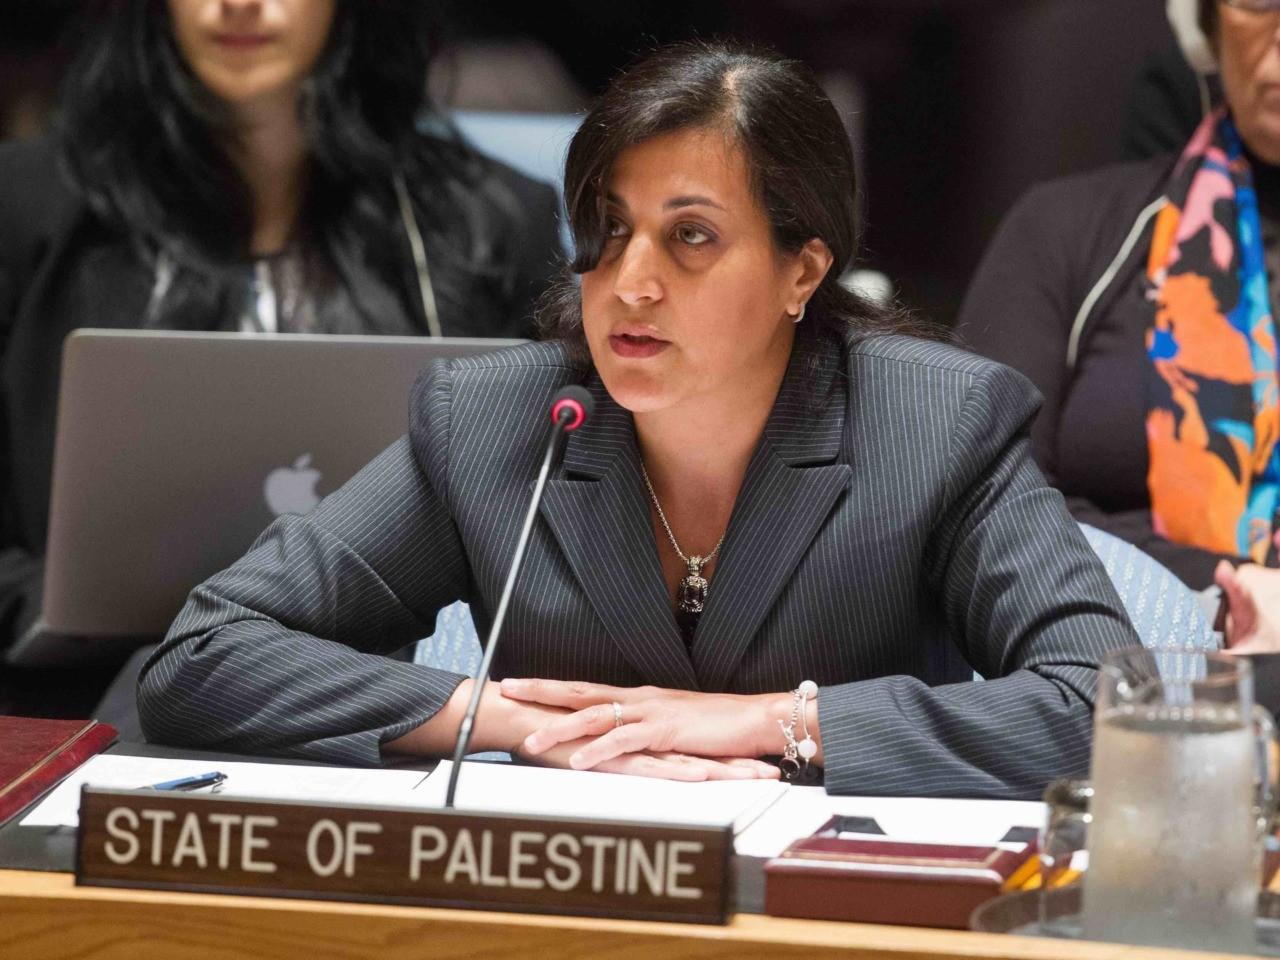 Palestinian Ambassador Donated to California Democrat Ammar Campa-Najjar   Breitbart